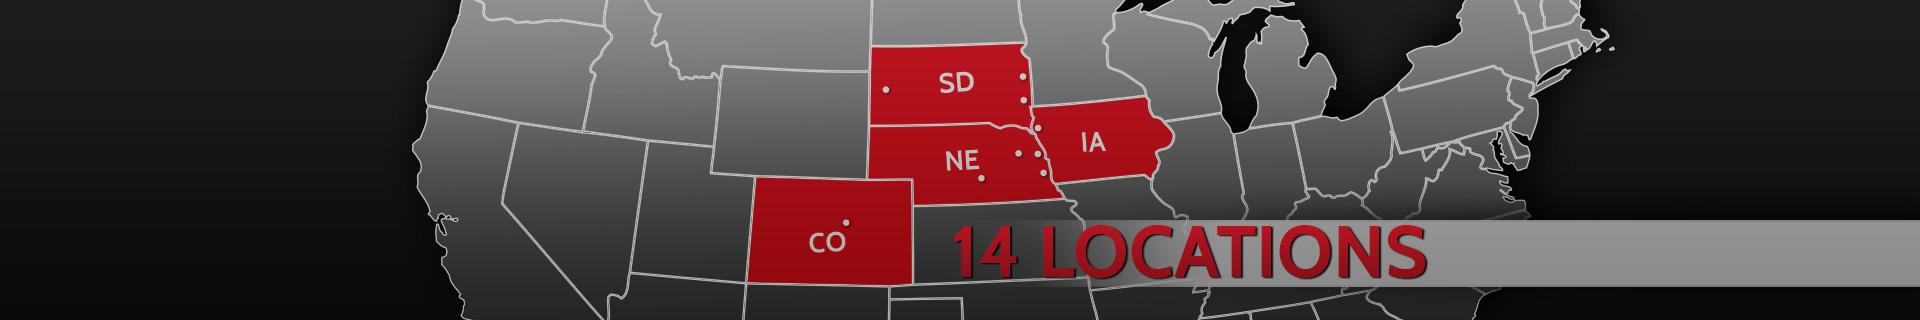 14 NATT Locations